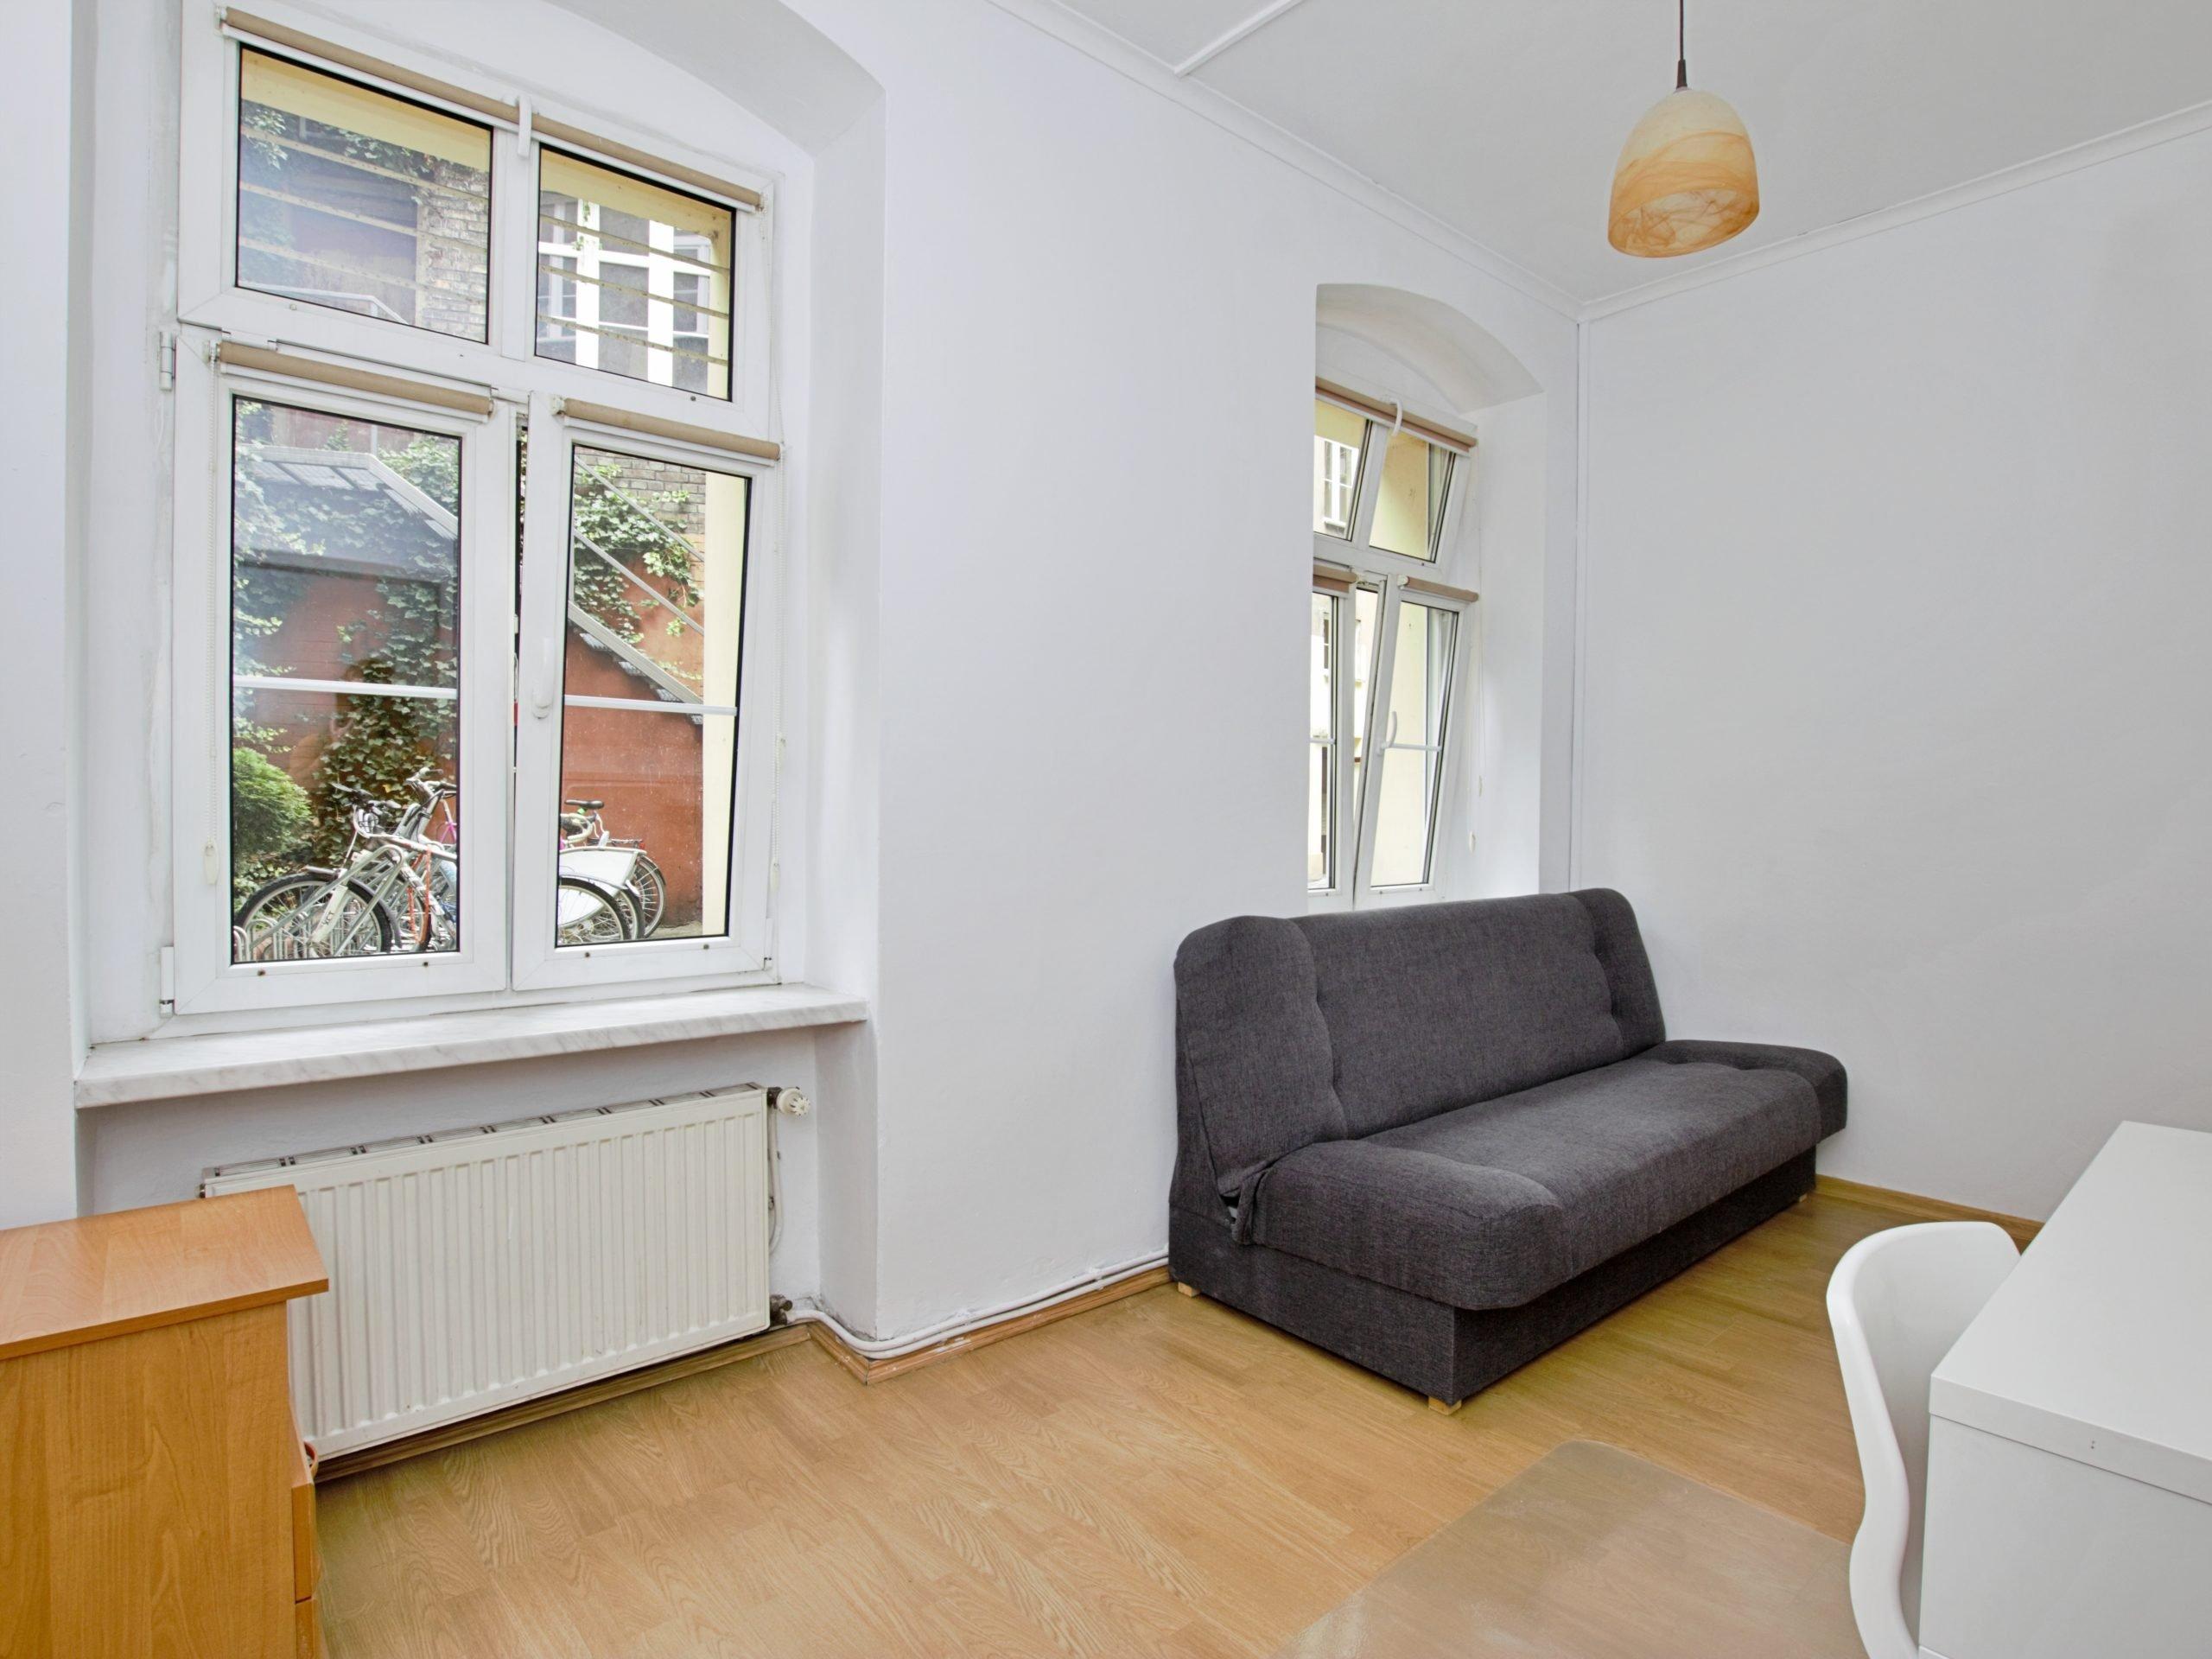 Przestronne mieszkanie ok. 77 m2, centrum